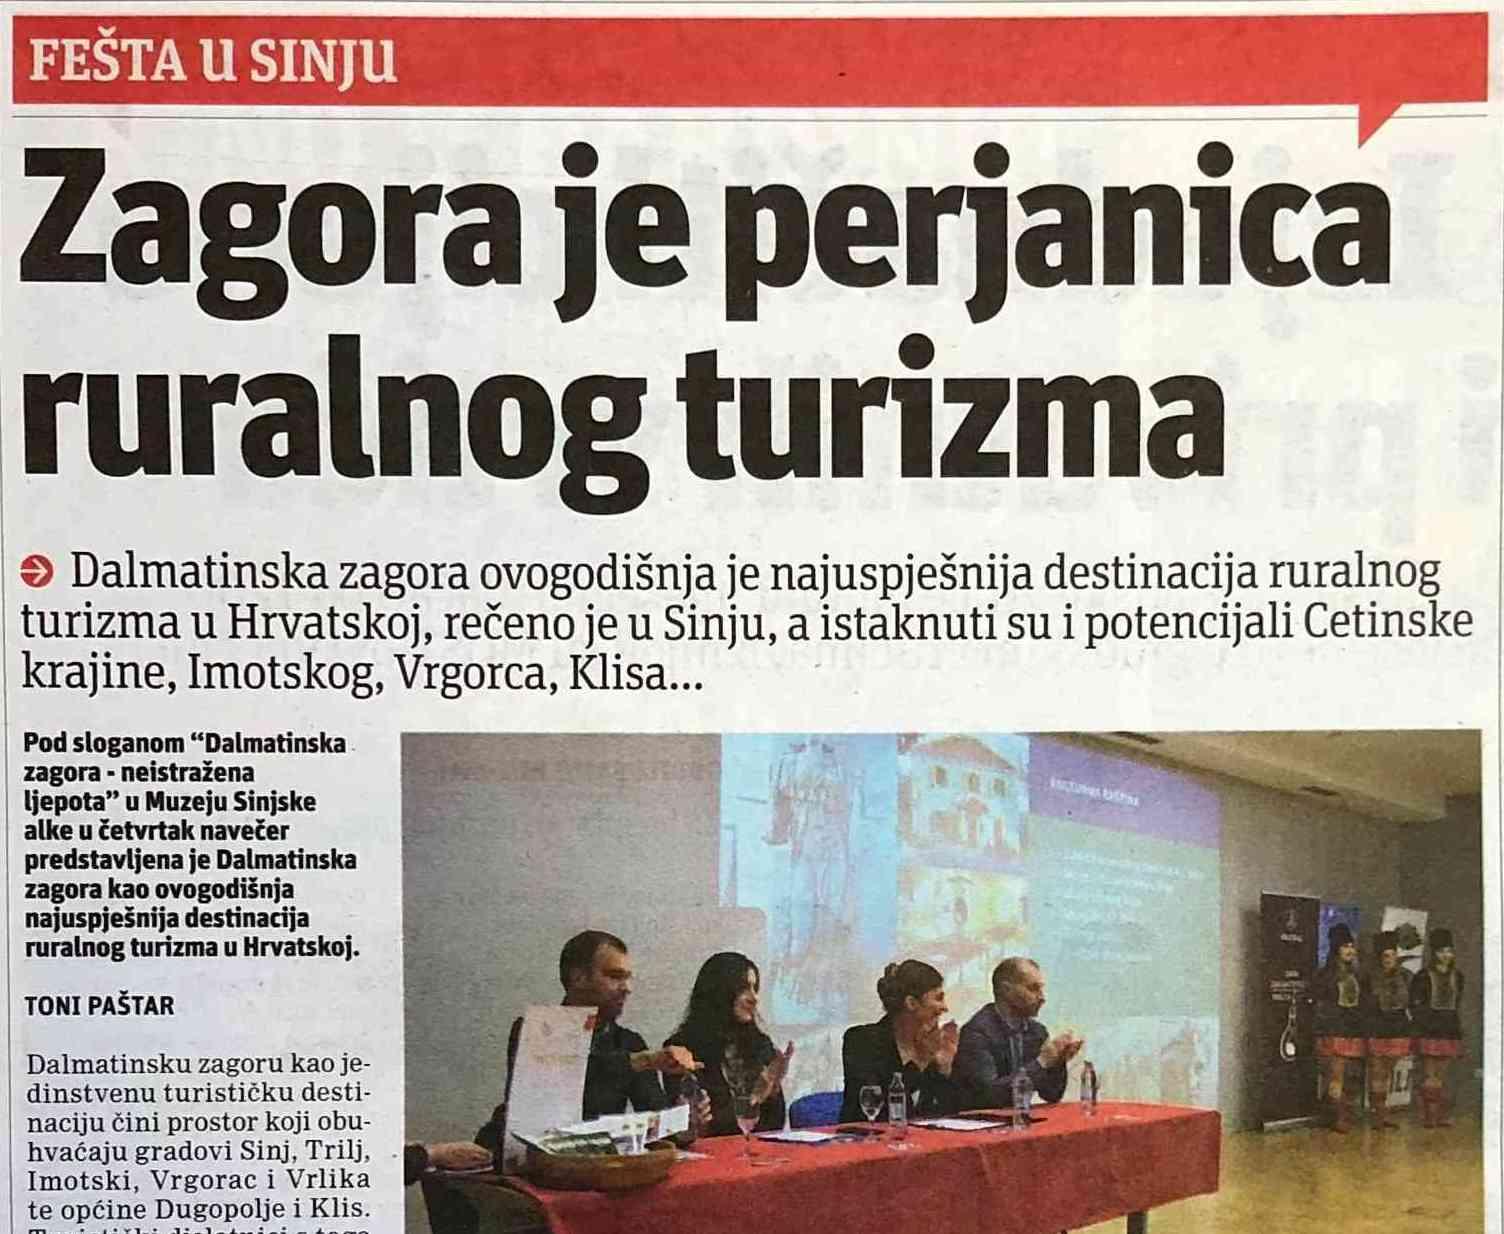 AKO I NISU ZAGORA, POLJICA SU ZAGORILA!